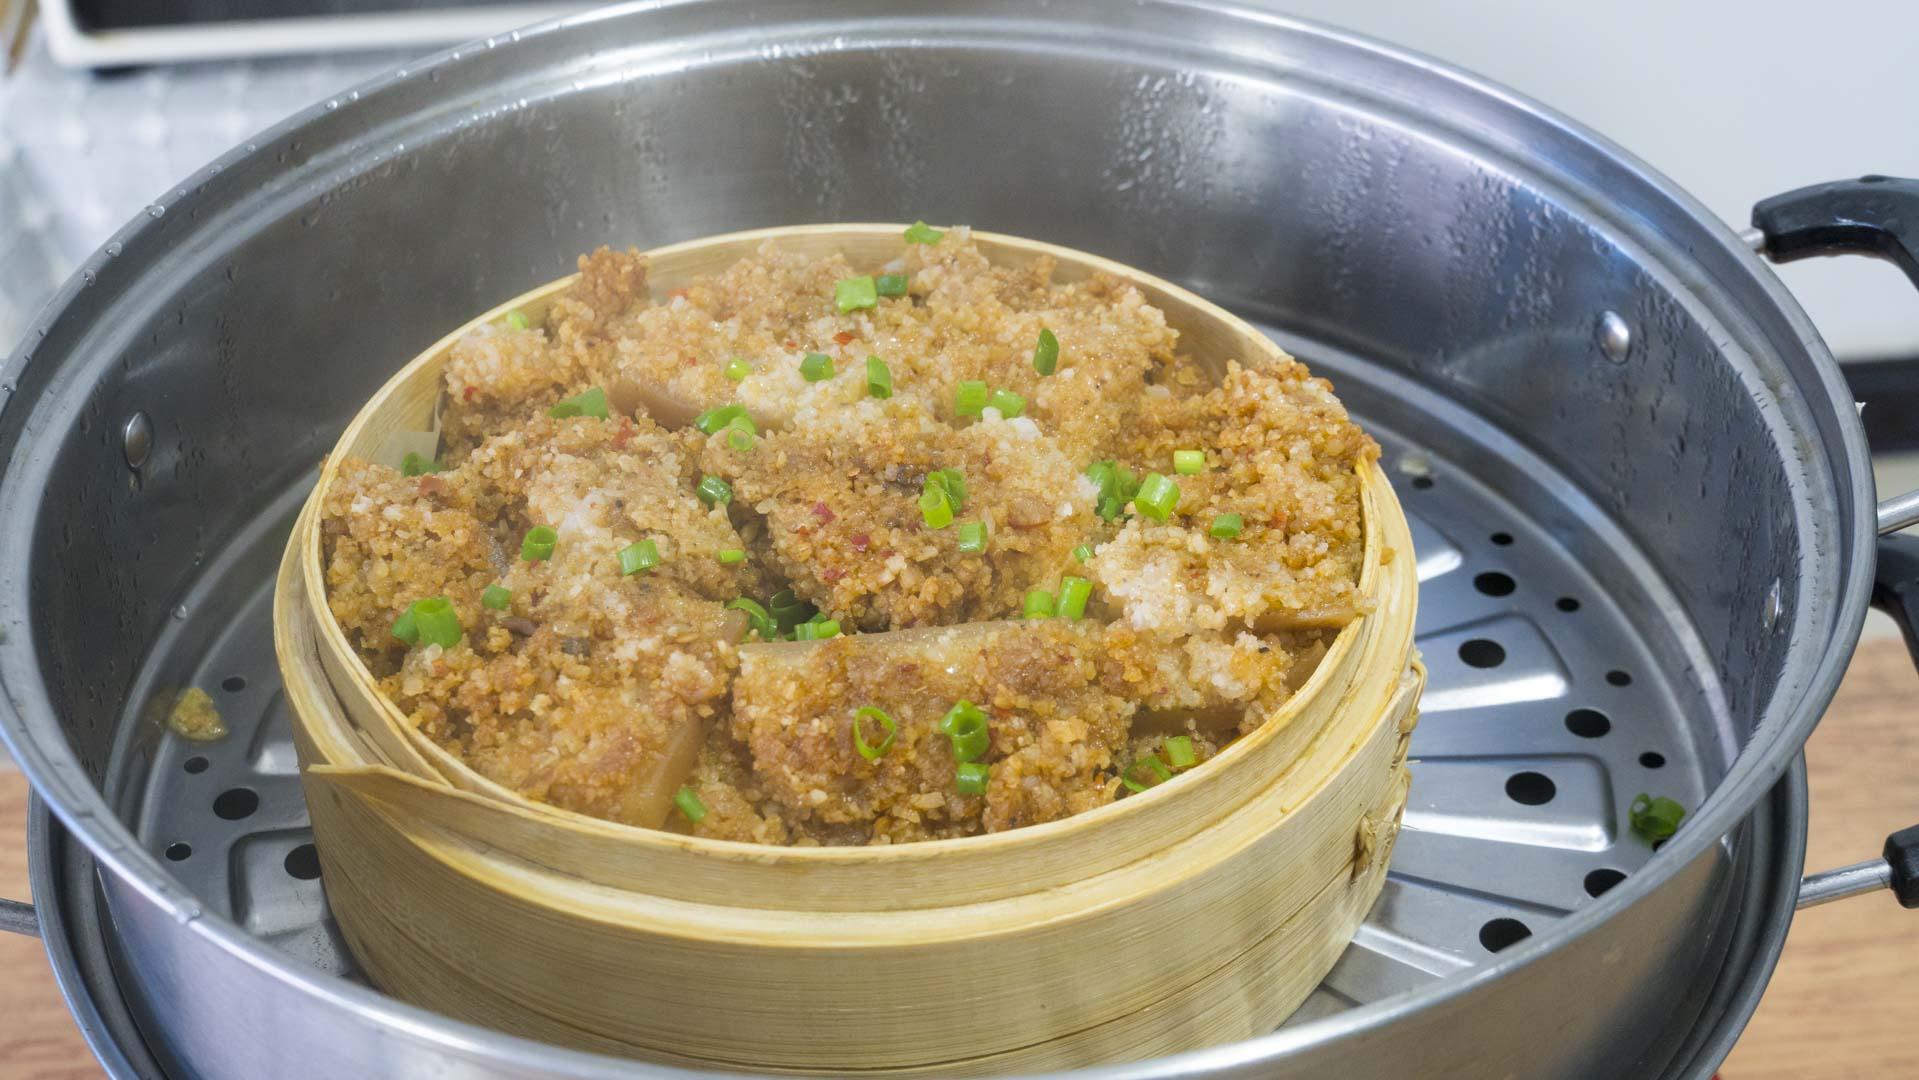 五花肉老做法,上鍋蒸一蒸就出鍋,一層比一層香,好吃不膩口